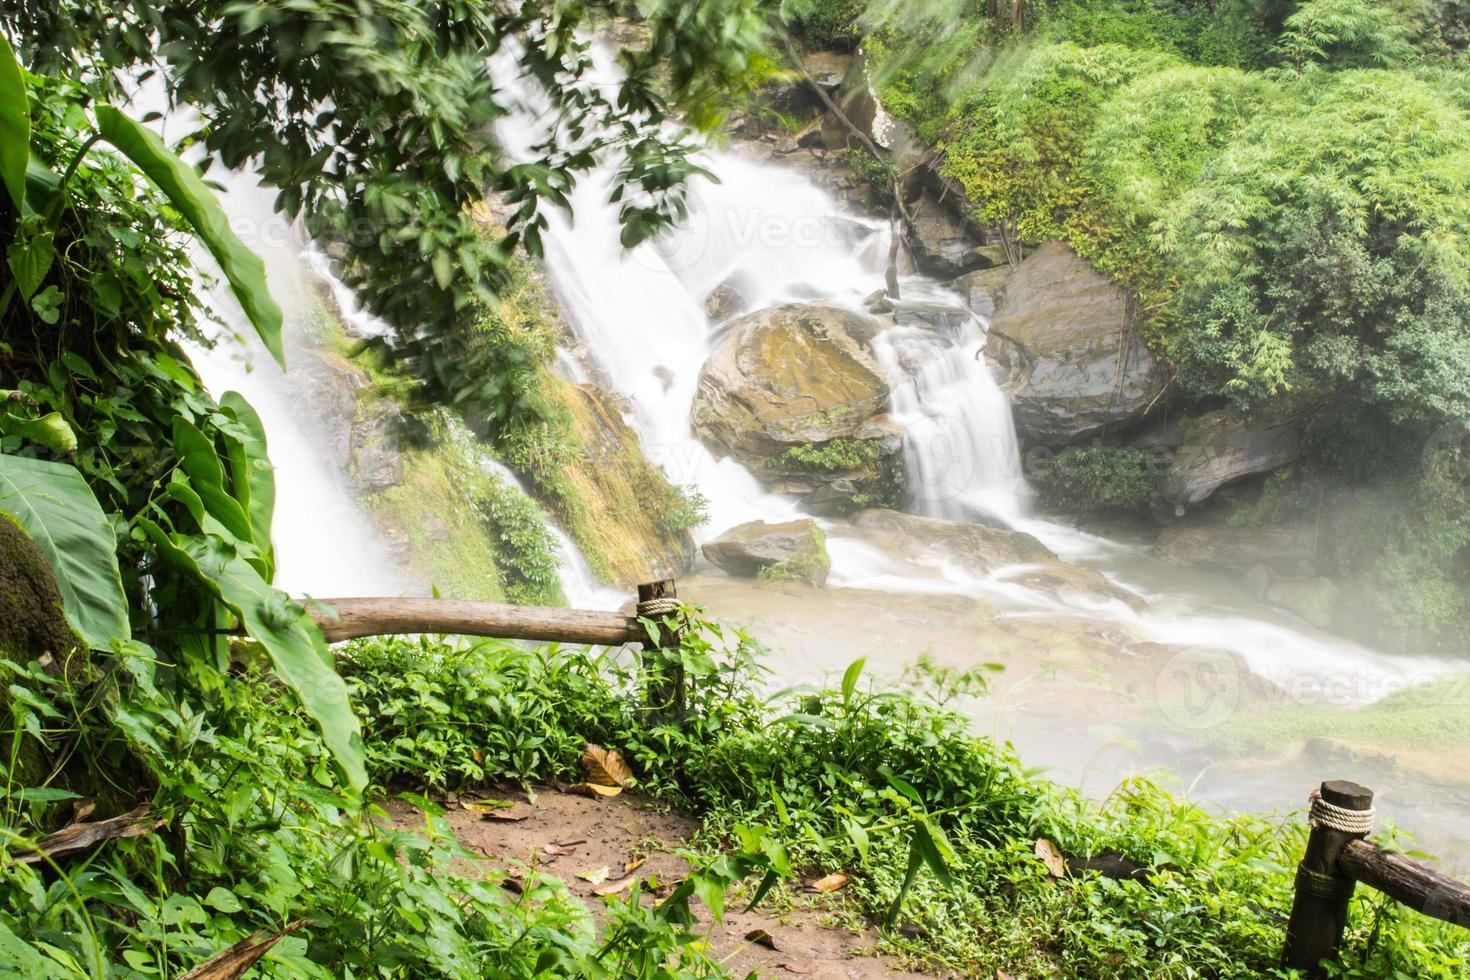 Wachirathan vattenfall, Inthanon Chiangmai Thailand foto